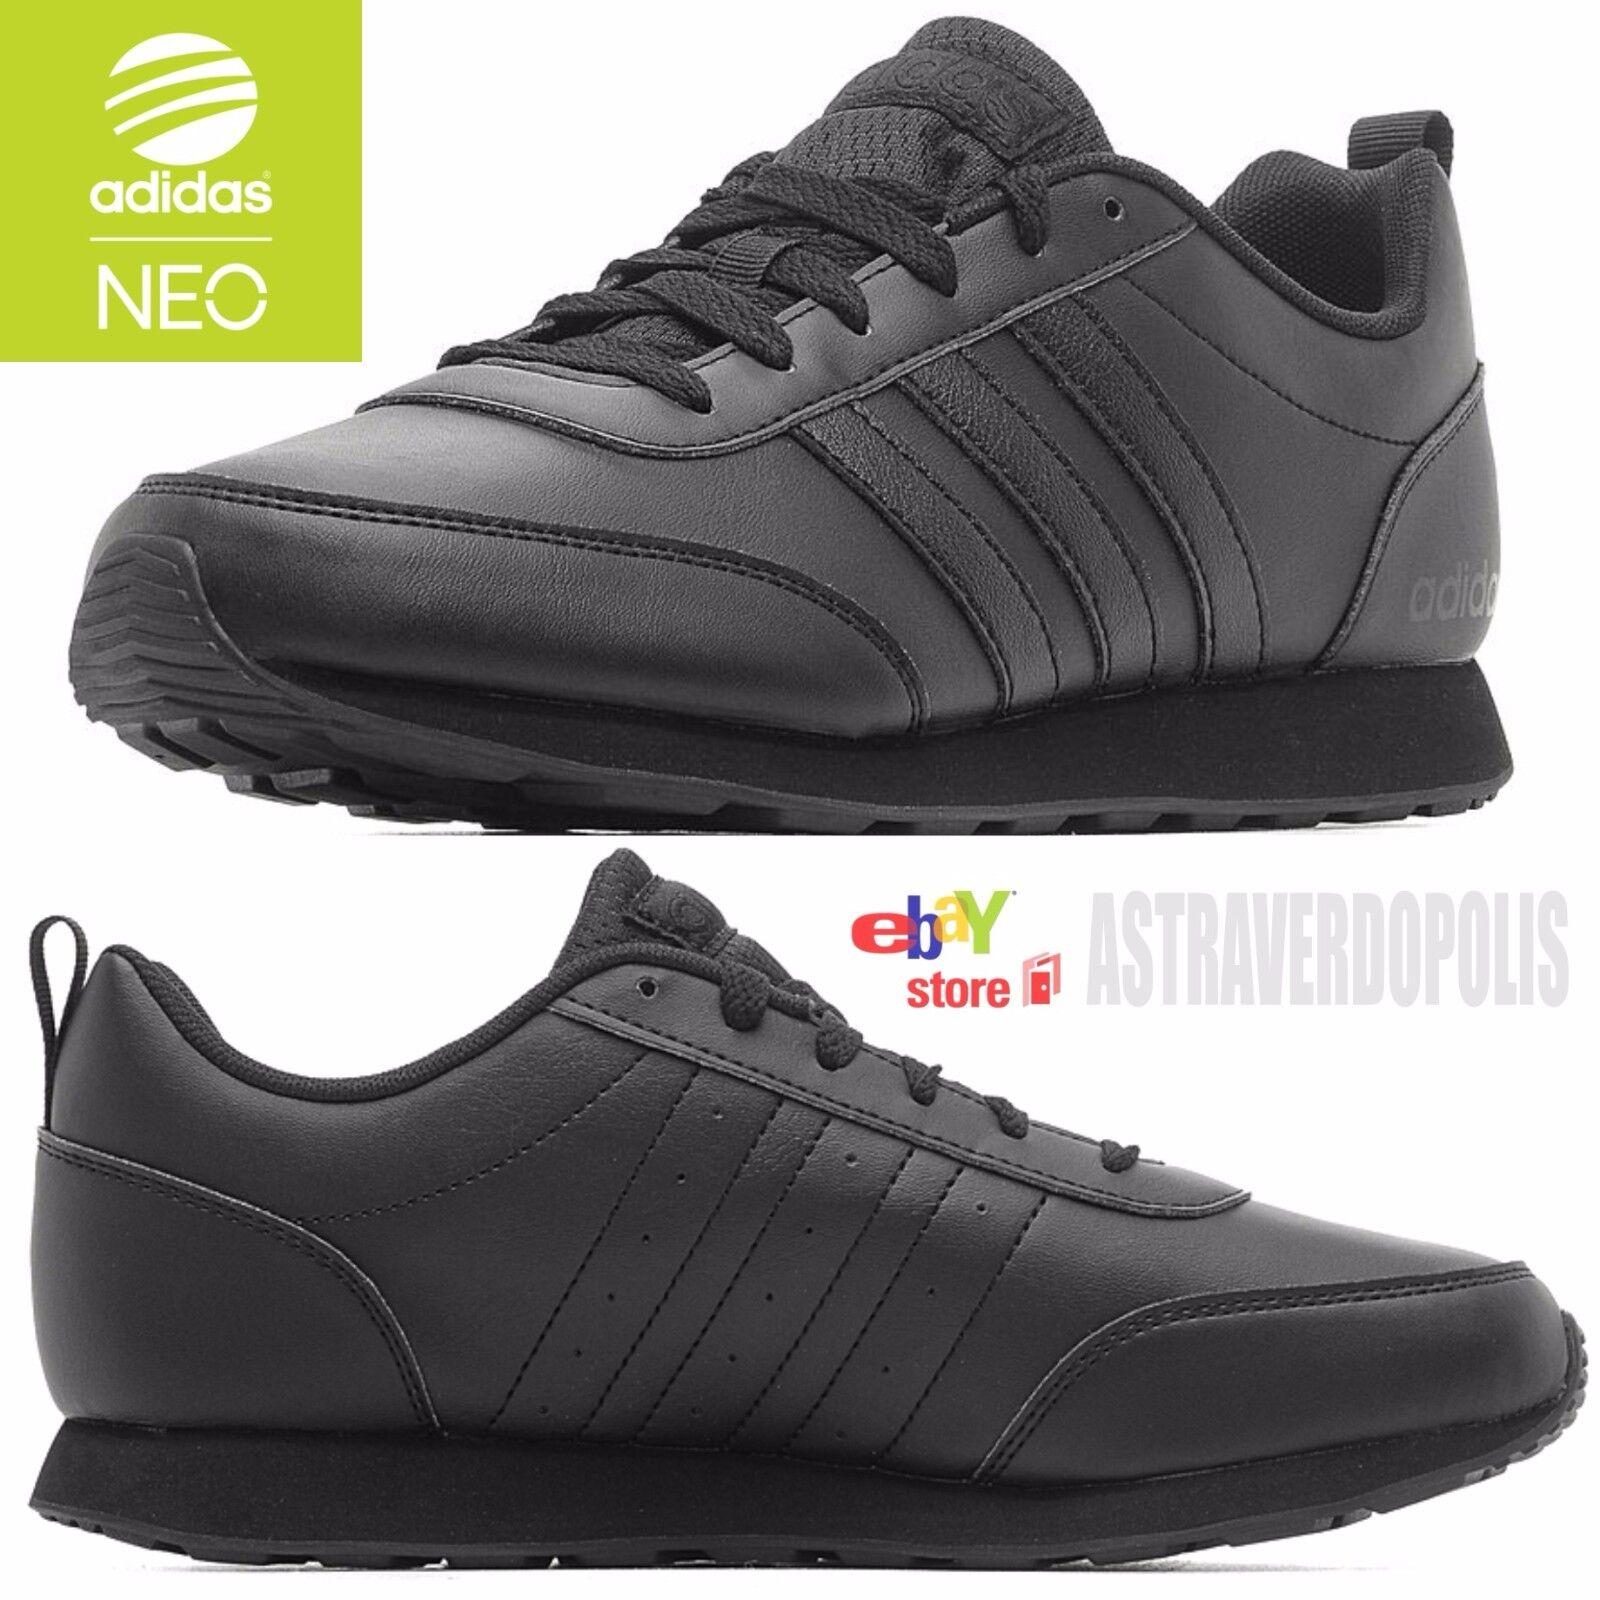 ADIDAS Para Hombre V NEO VS NEO V ORIGINALS SUPERSTAR Negro Correr Zapatos GAZELLE tamaño nos 10 8 .5 cb0eda